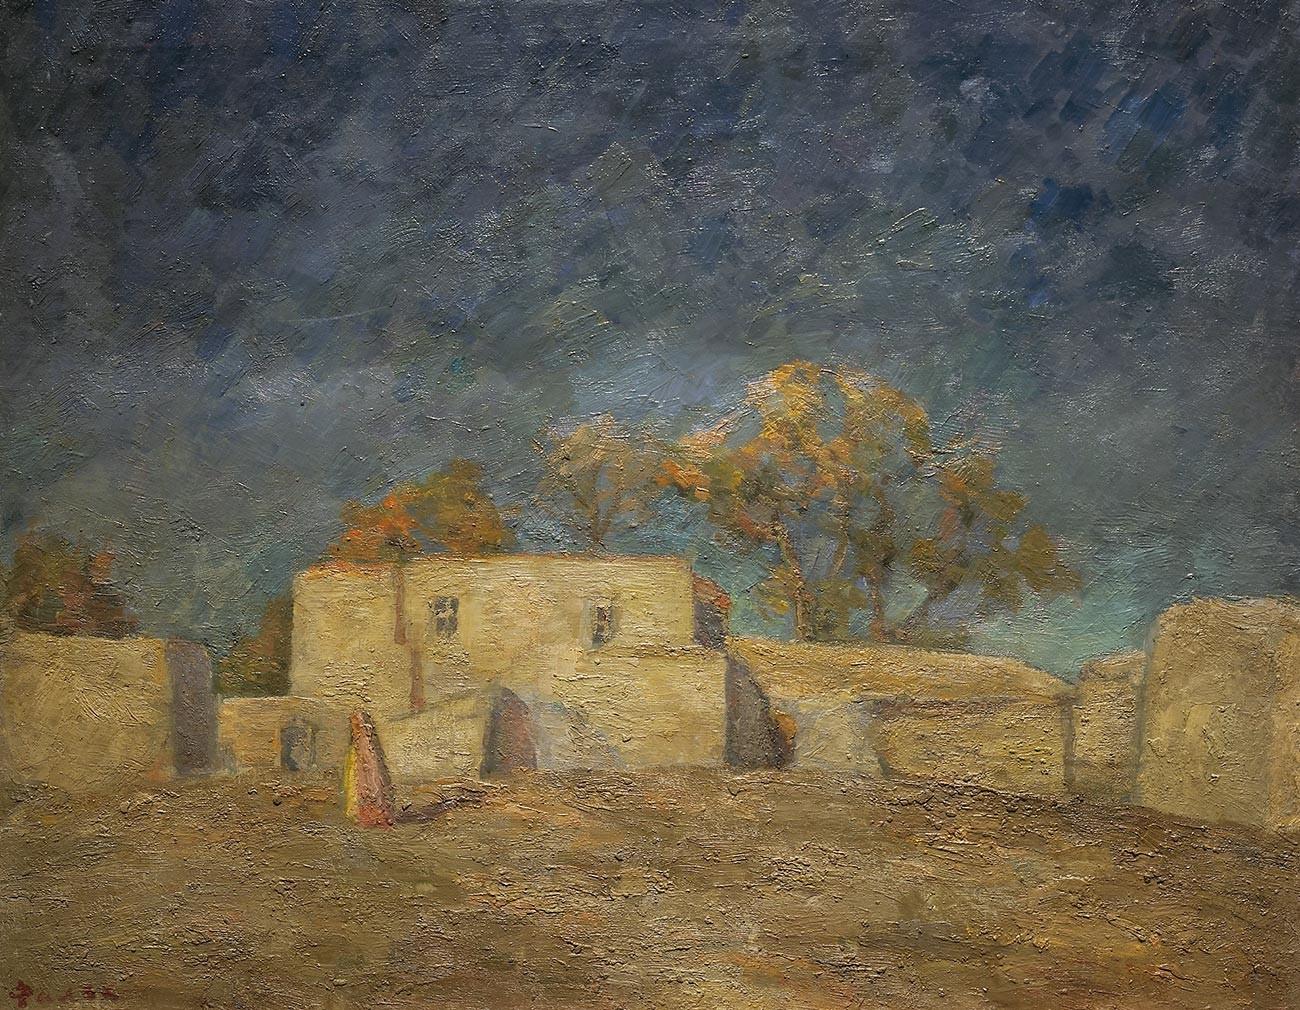 黄金の荒れ地、サマルカンド、1943年